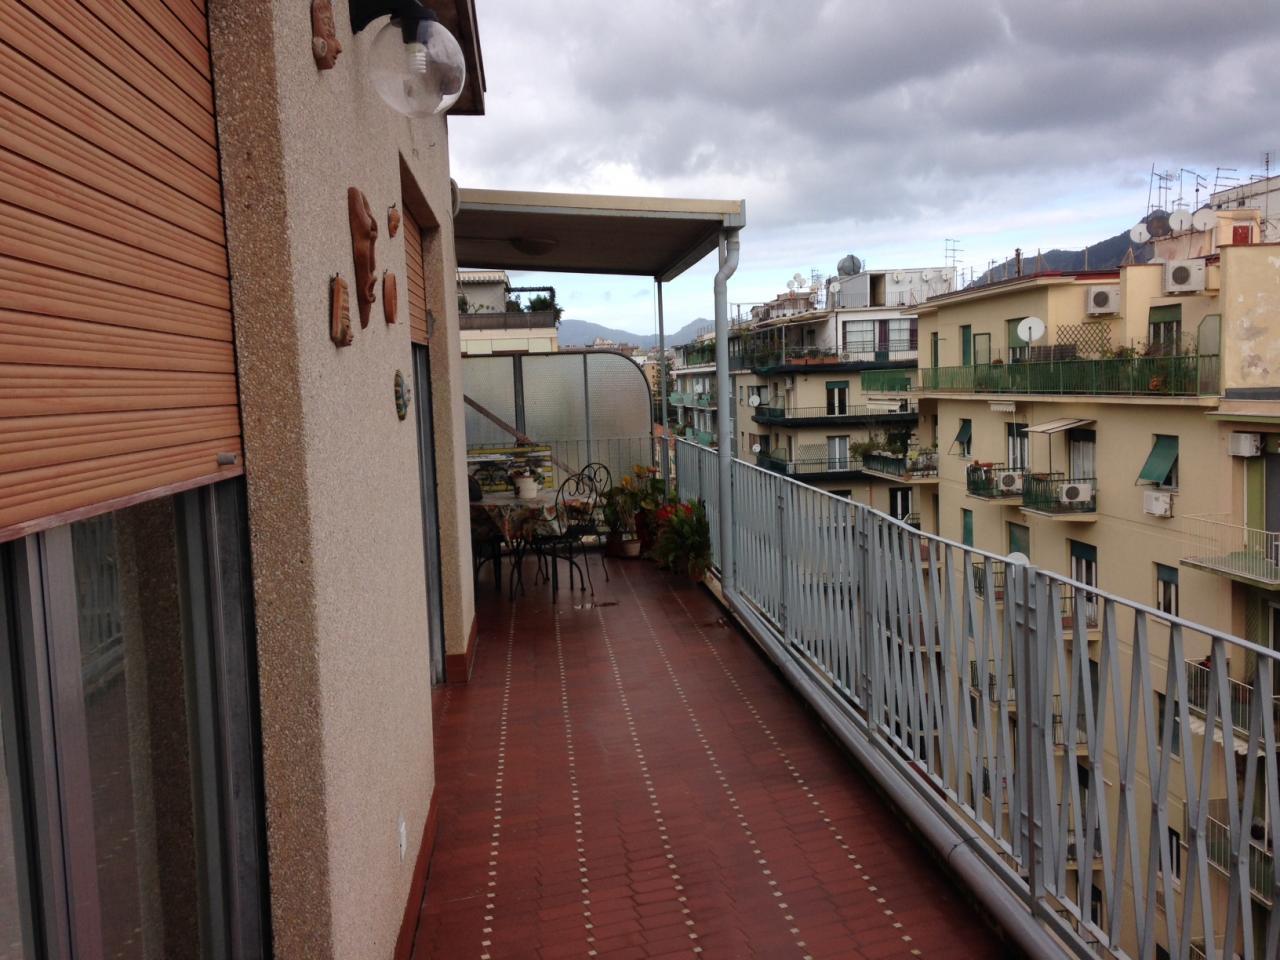 Attico / Mansarda in vendita a Palermo, 4 locali, zona Zona: Libertà, prezzo € 315.000 | CambioCasa.it